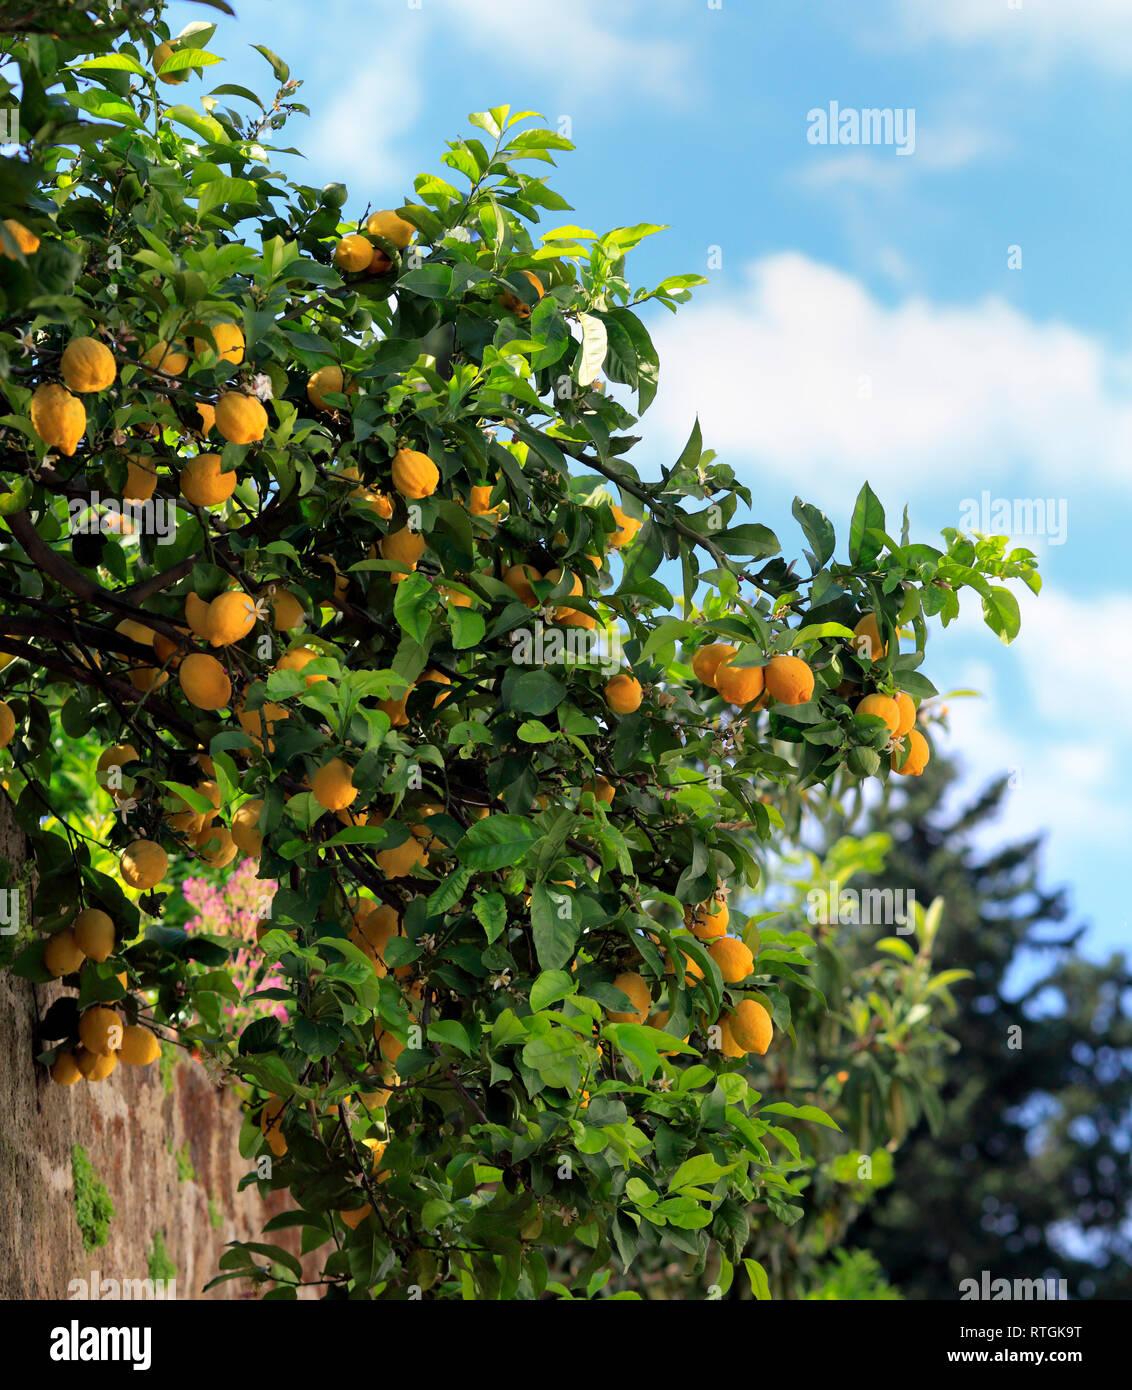 Lemon tree near abbey church, Sant Angelo in Formis, Campania, Italy Stock Photo